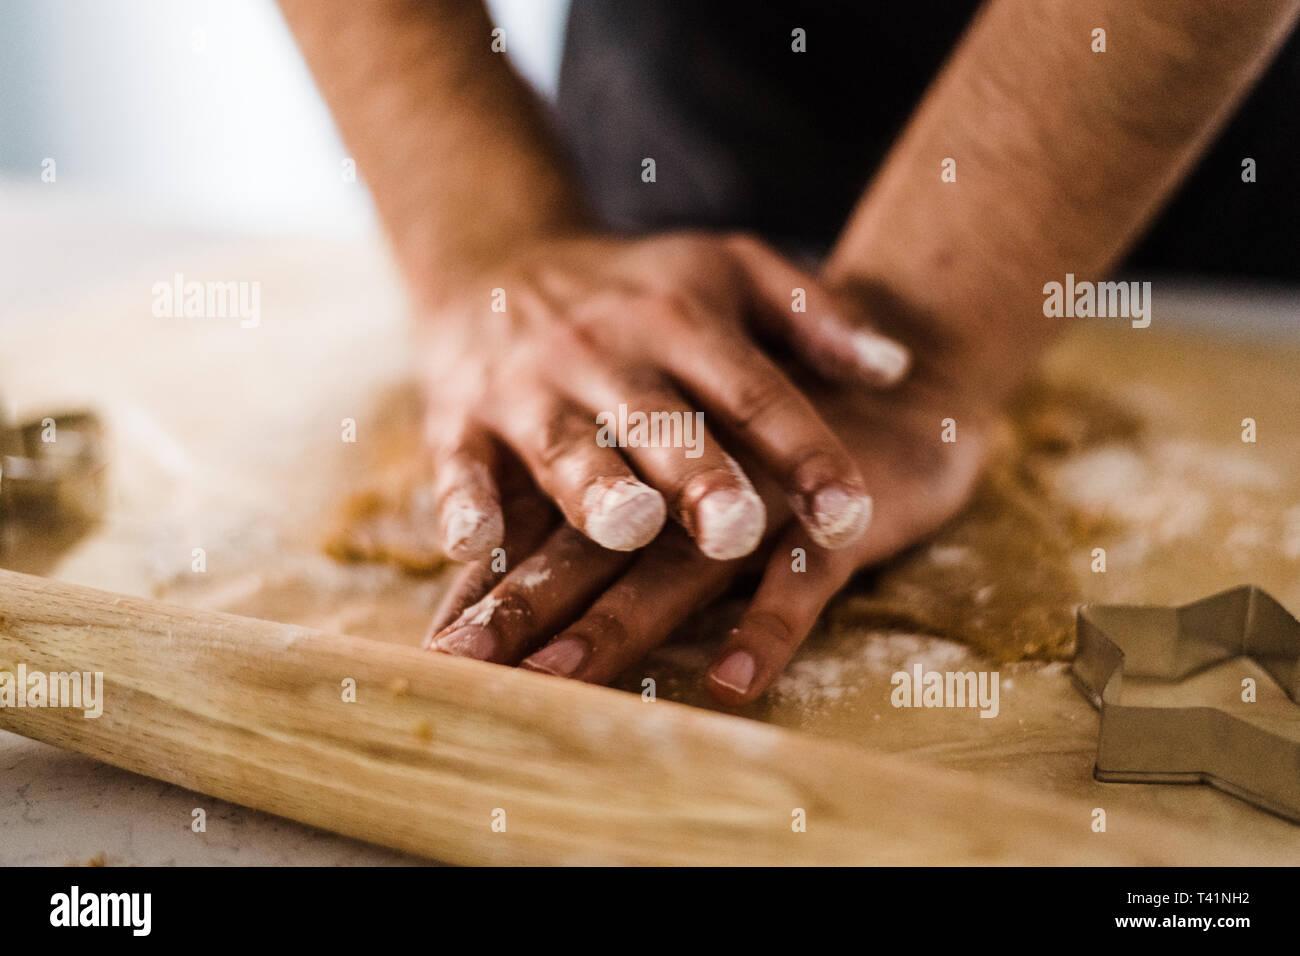 Man hands kneading dough - Stock Image